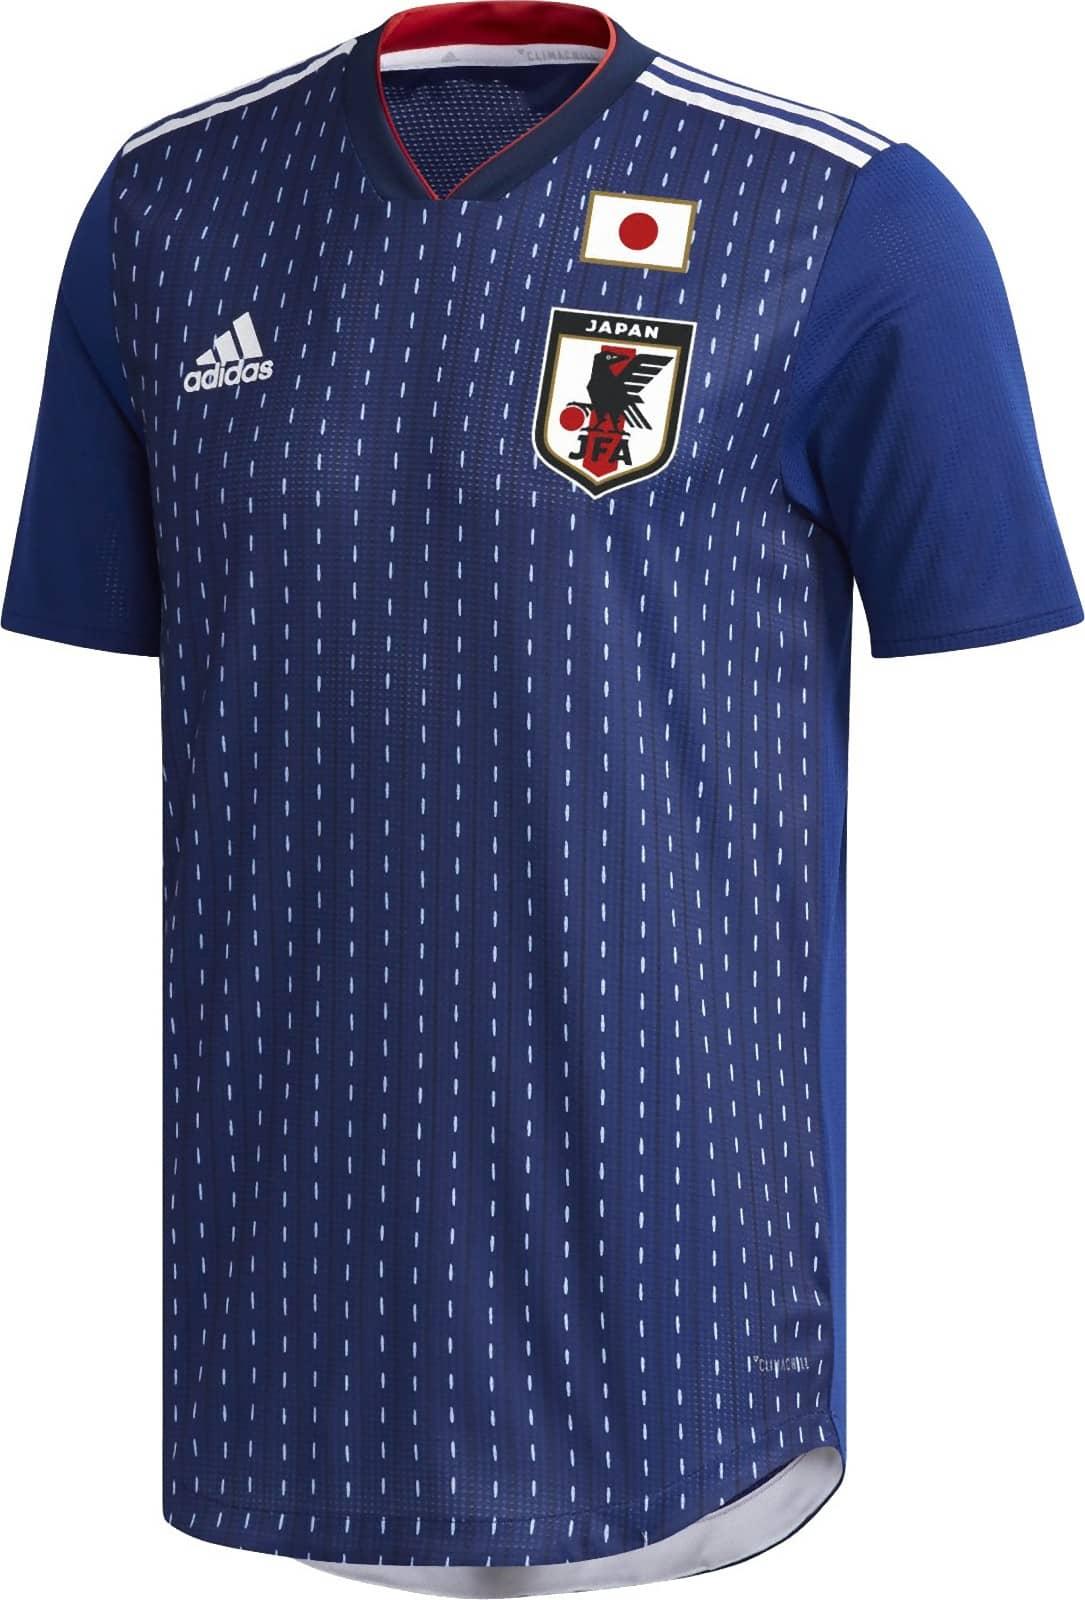 日本代表 2018 ユニフォーム,ロシアワールドカップ,ホーム